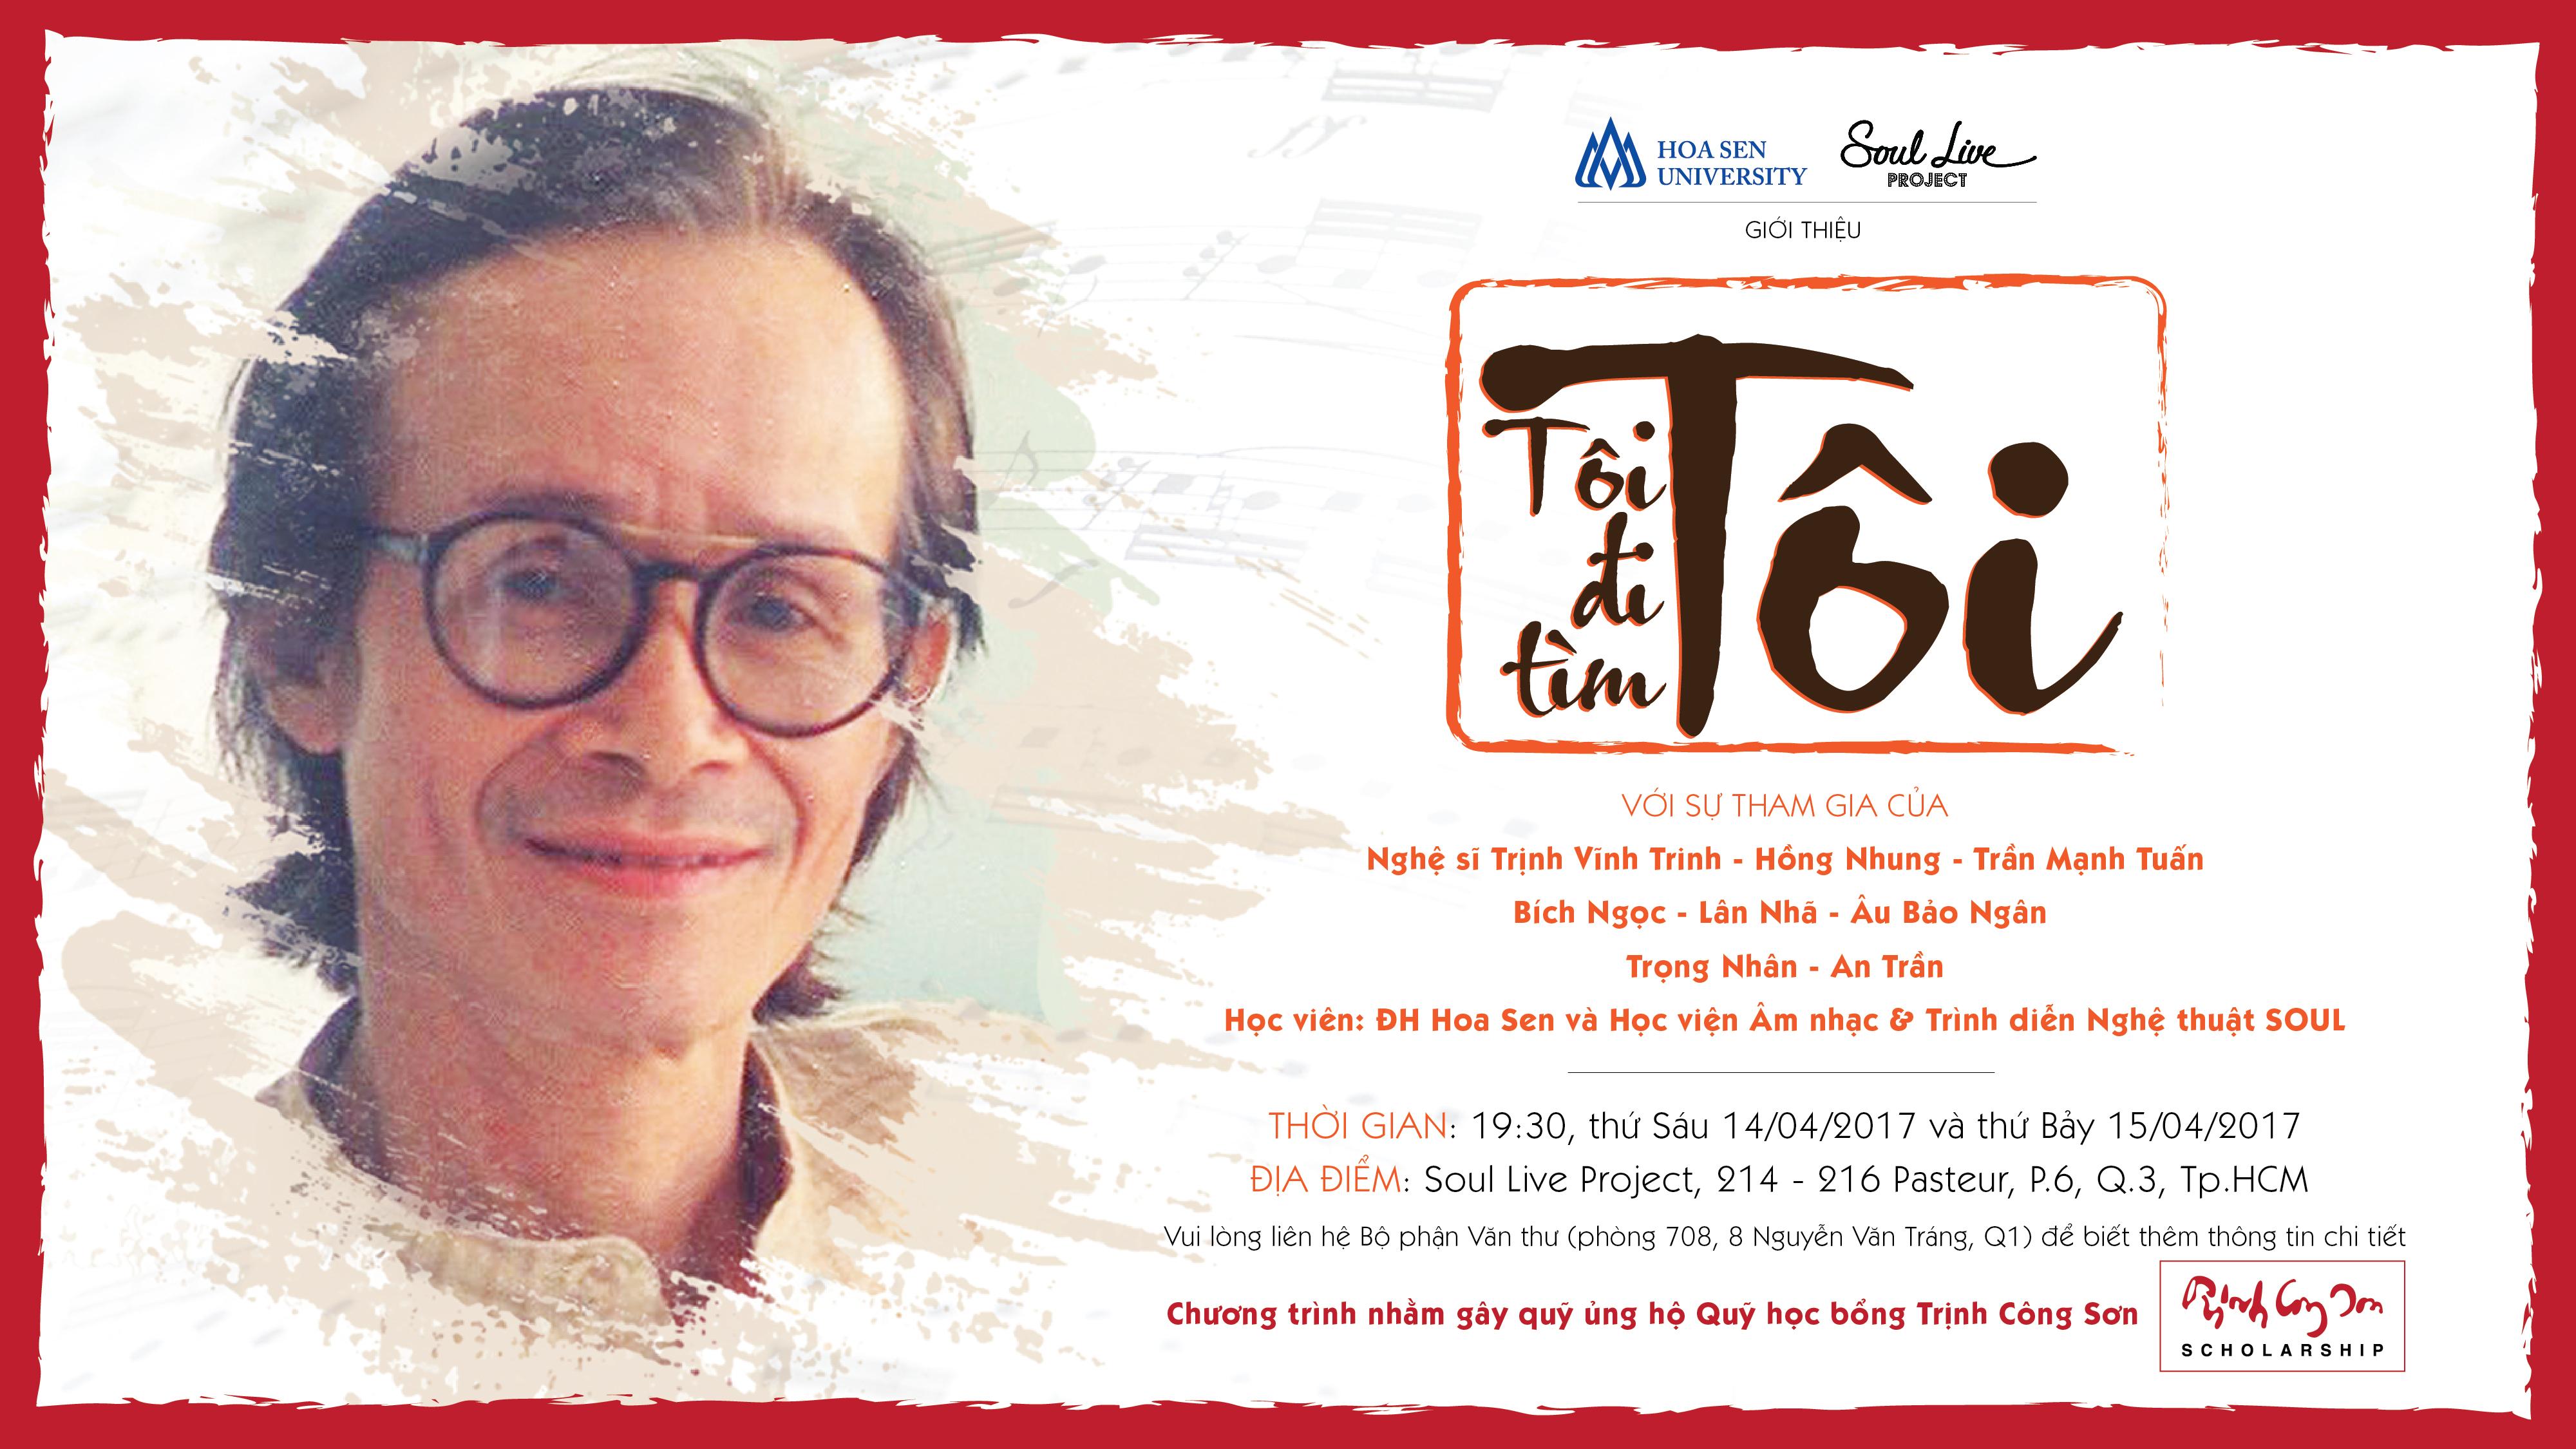 """Đêm nhạc Trịnh Công Sơn """"Tôi Đi Tìm Tôi"""" sẽ diễn ra vào 14 – 15/04/2017 tại TP.HCM"""